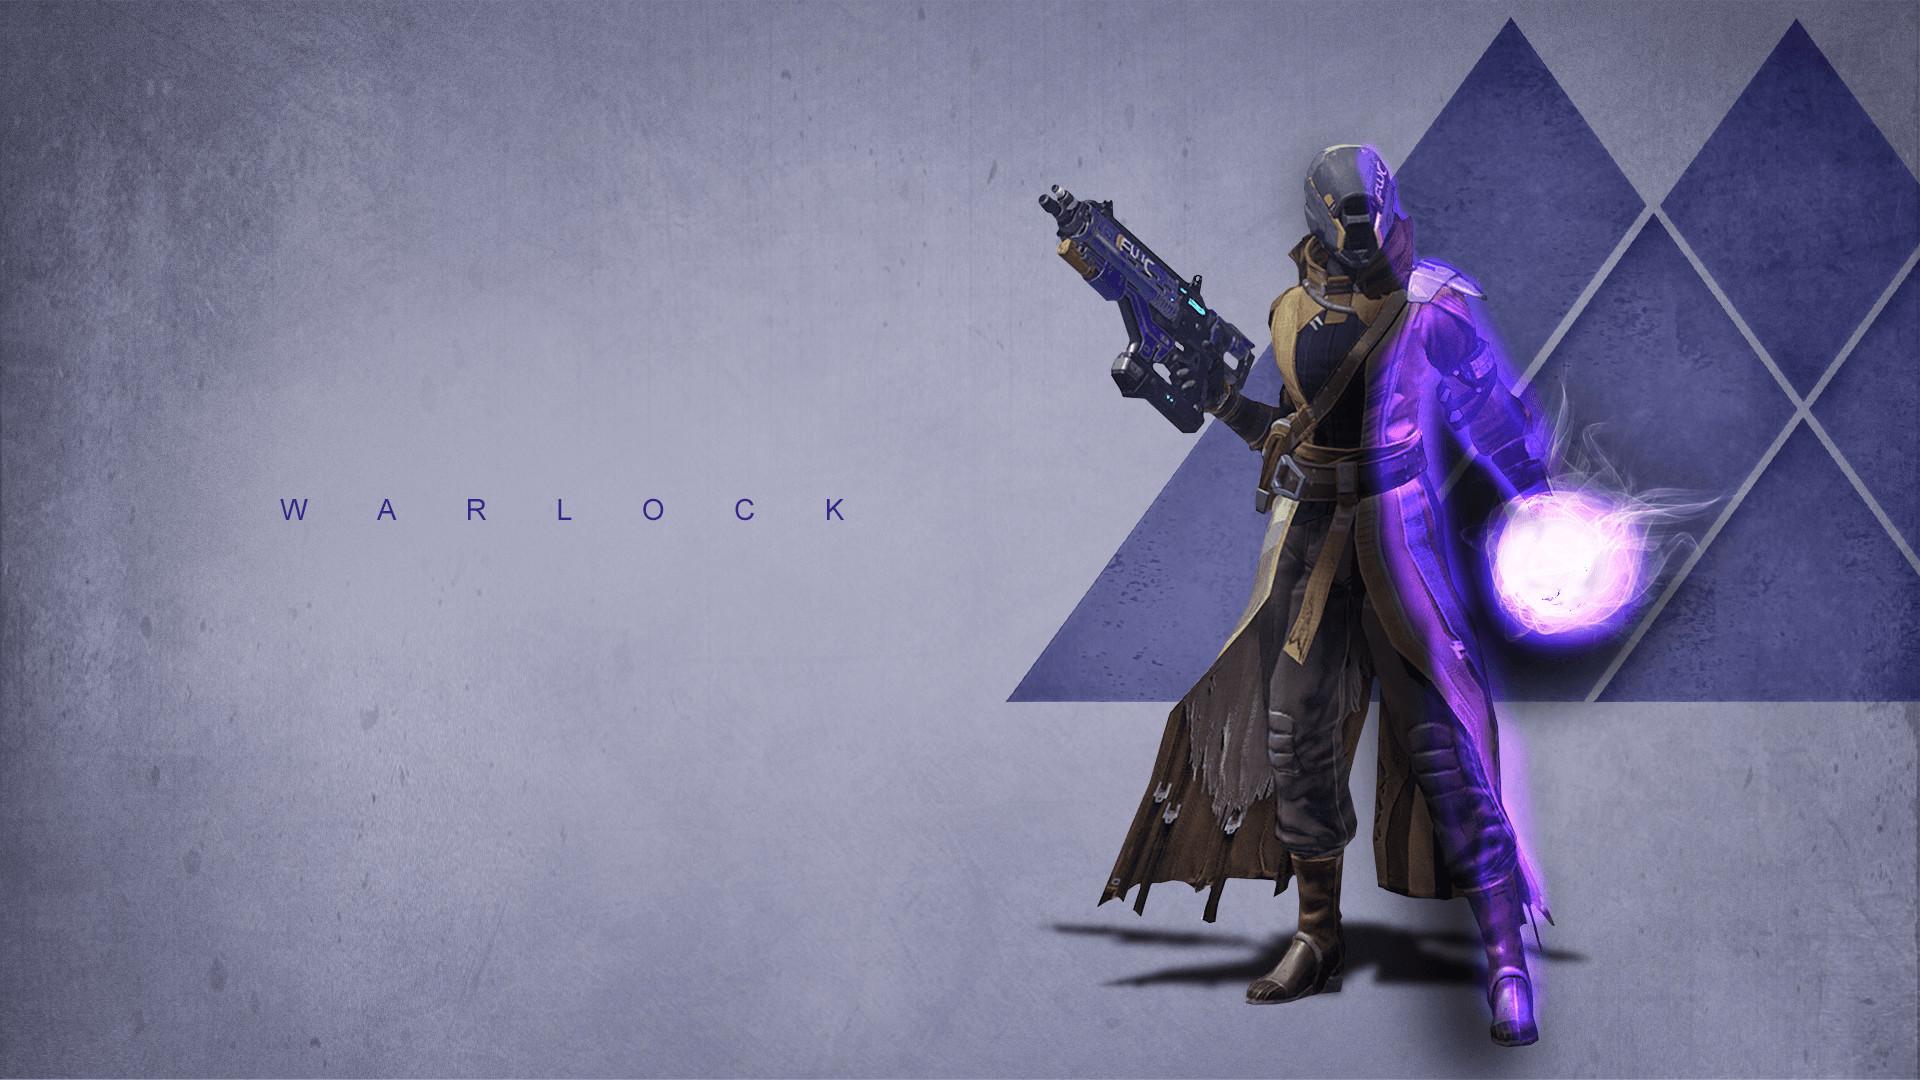 Destiny warlock wallpaper hd